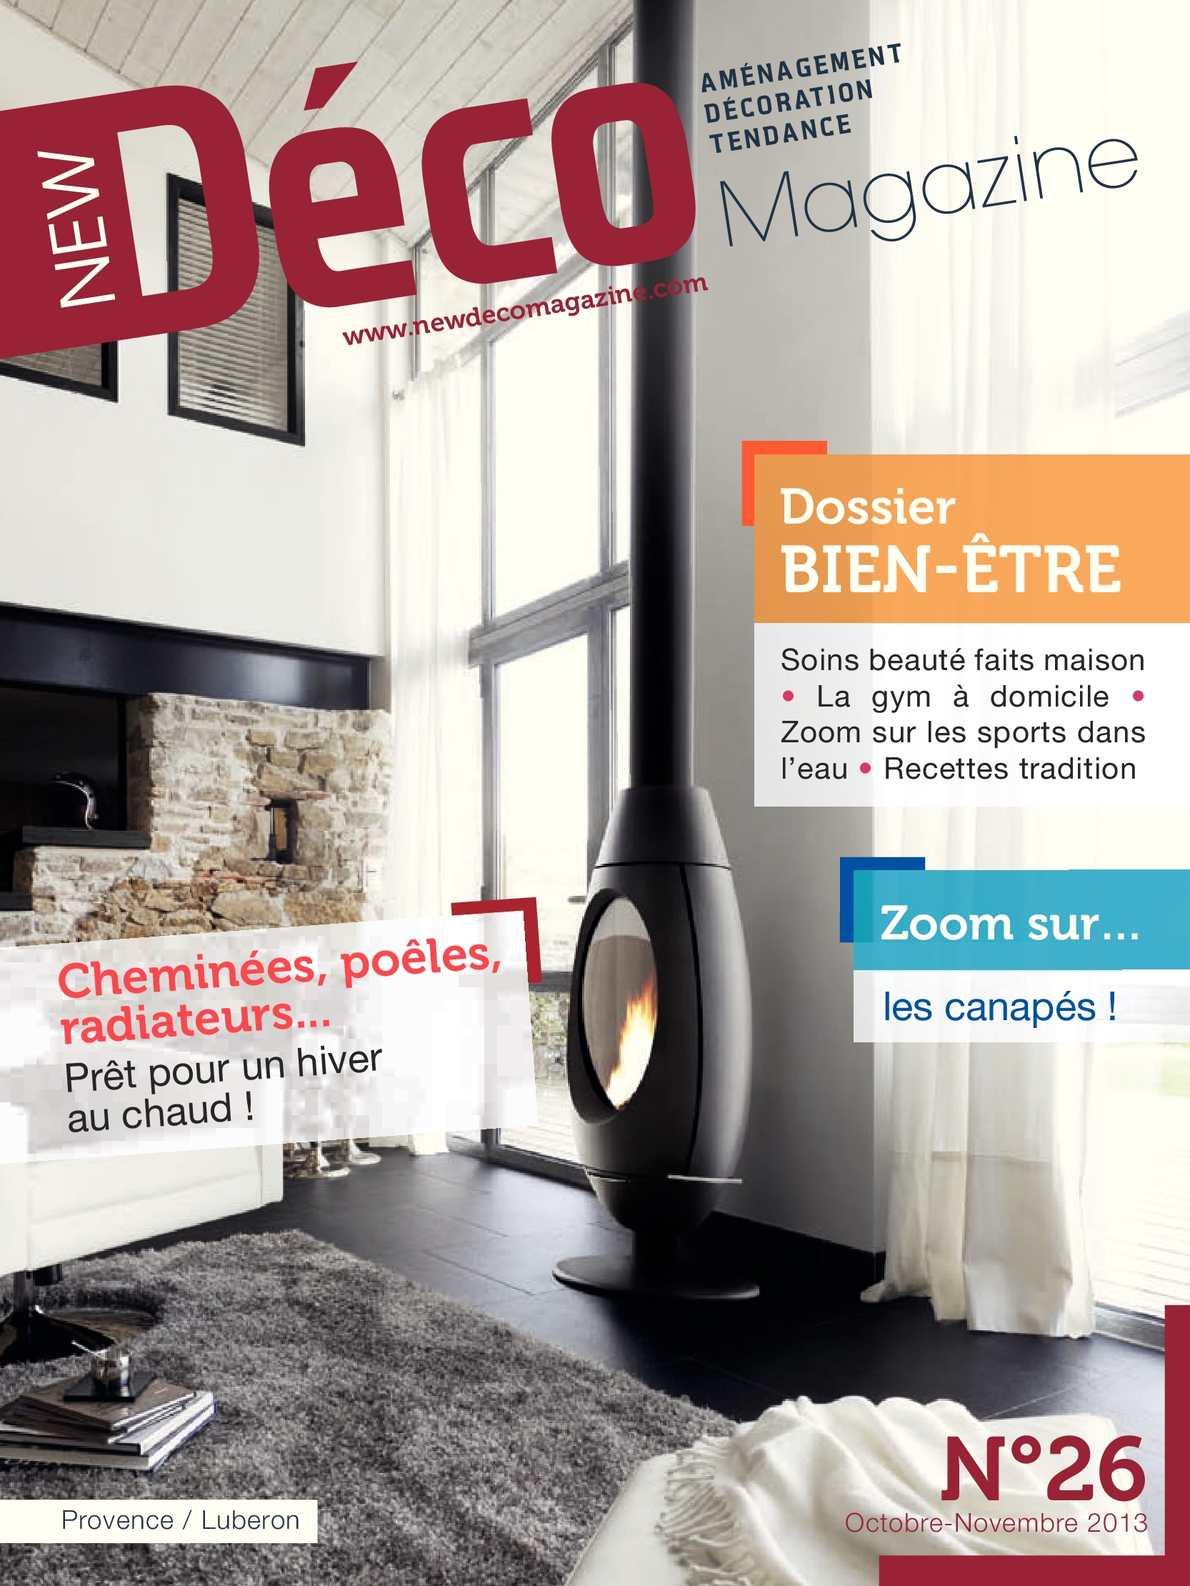 New Déco magazine Octobre Novembre 2013